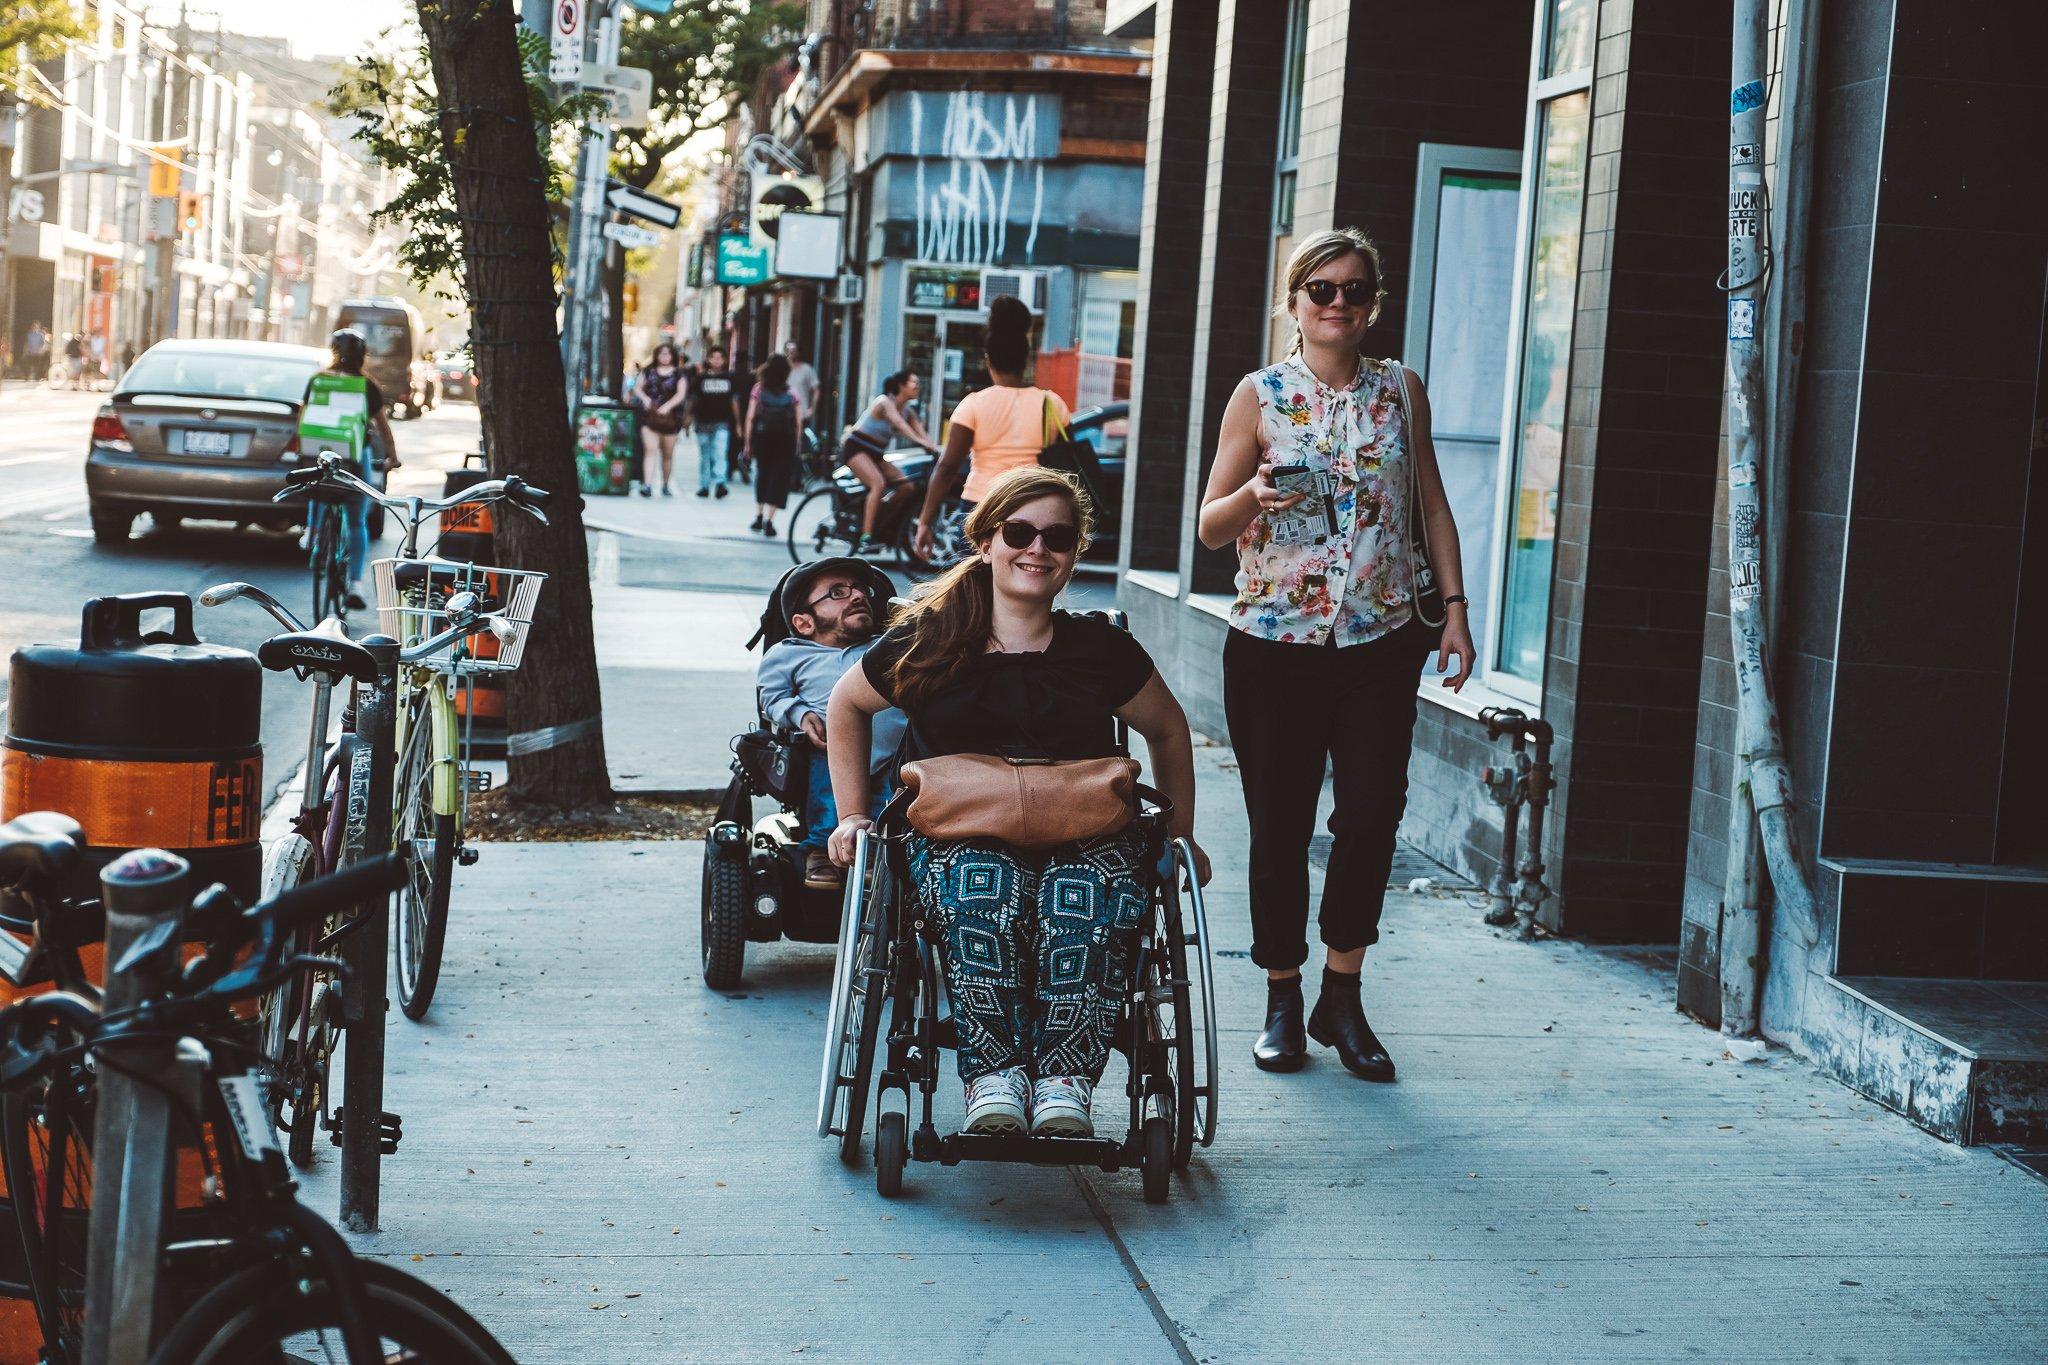 Die Mapping-Tour bot dabei eine spannende Gelegenheit, die Rollstuhlgerechtigkeit von Straßen und Gebäuden einmal ganz genau unter die Lupe zu nehmen.